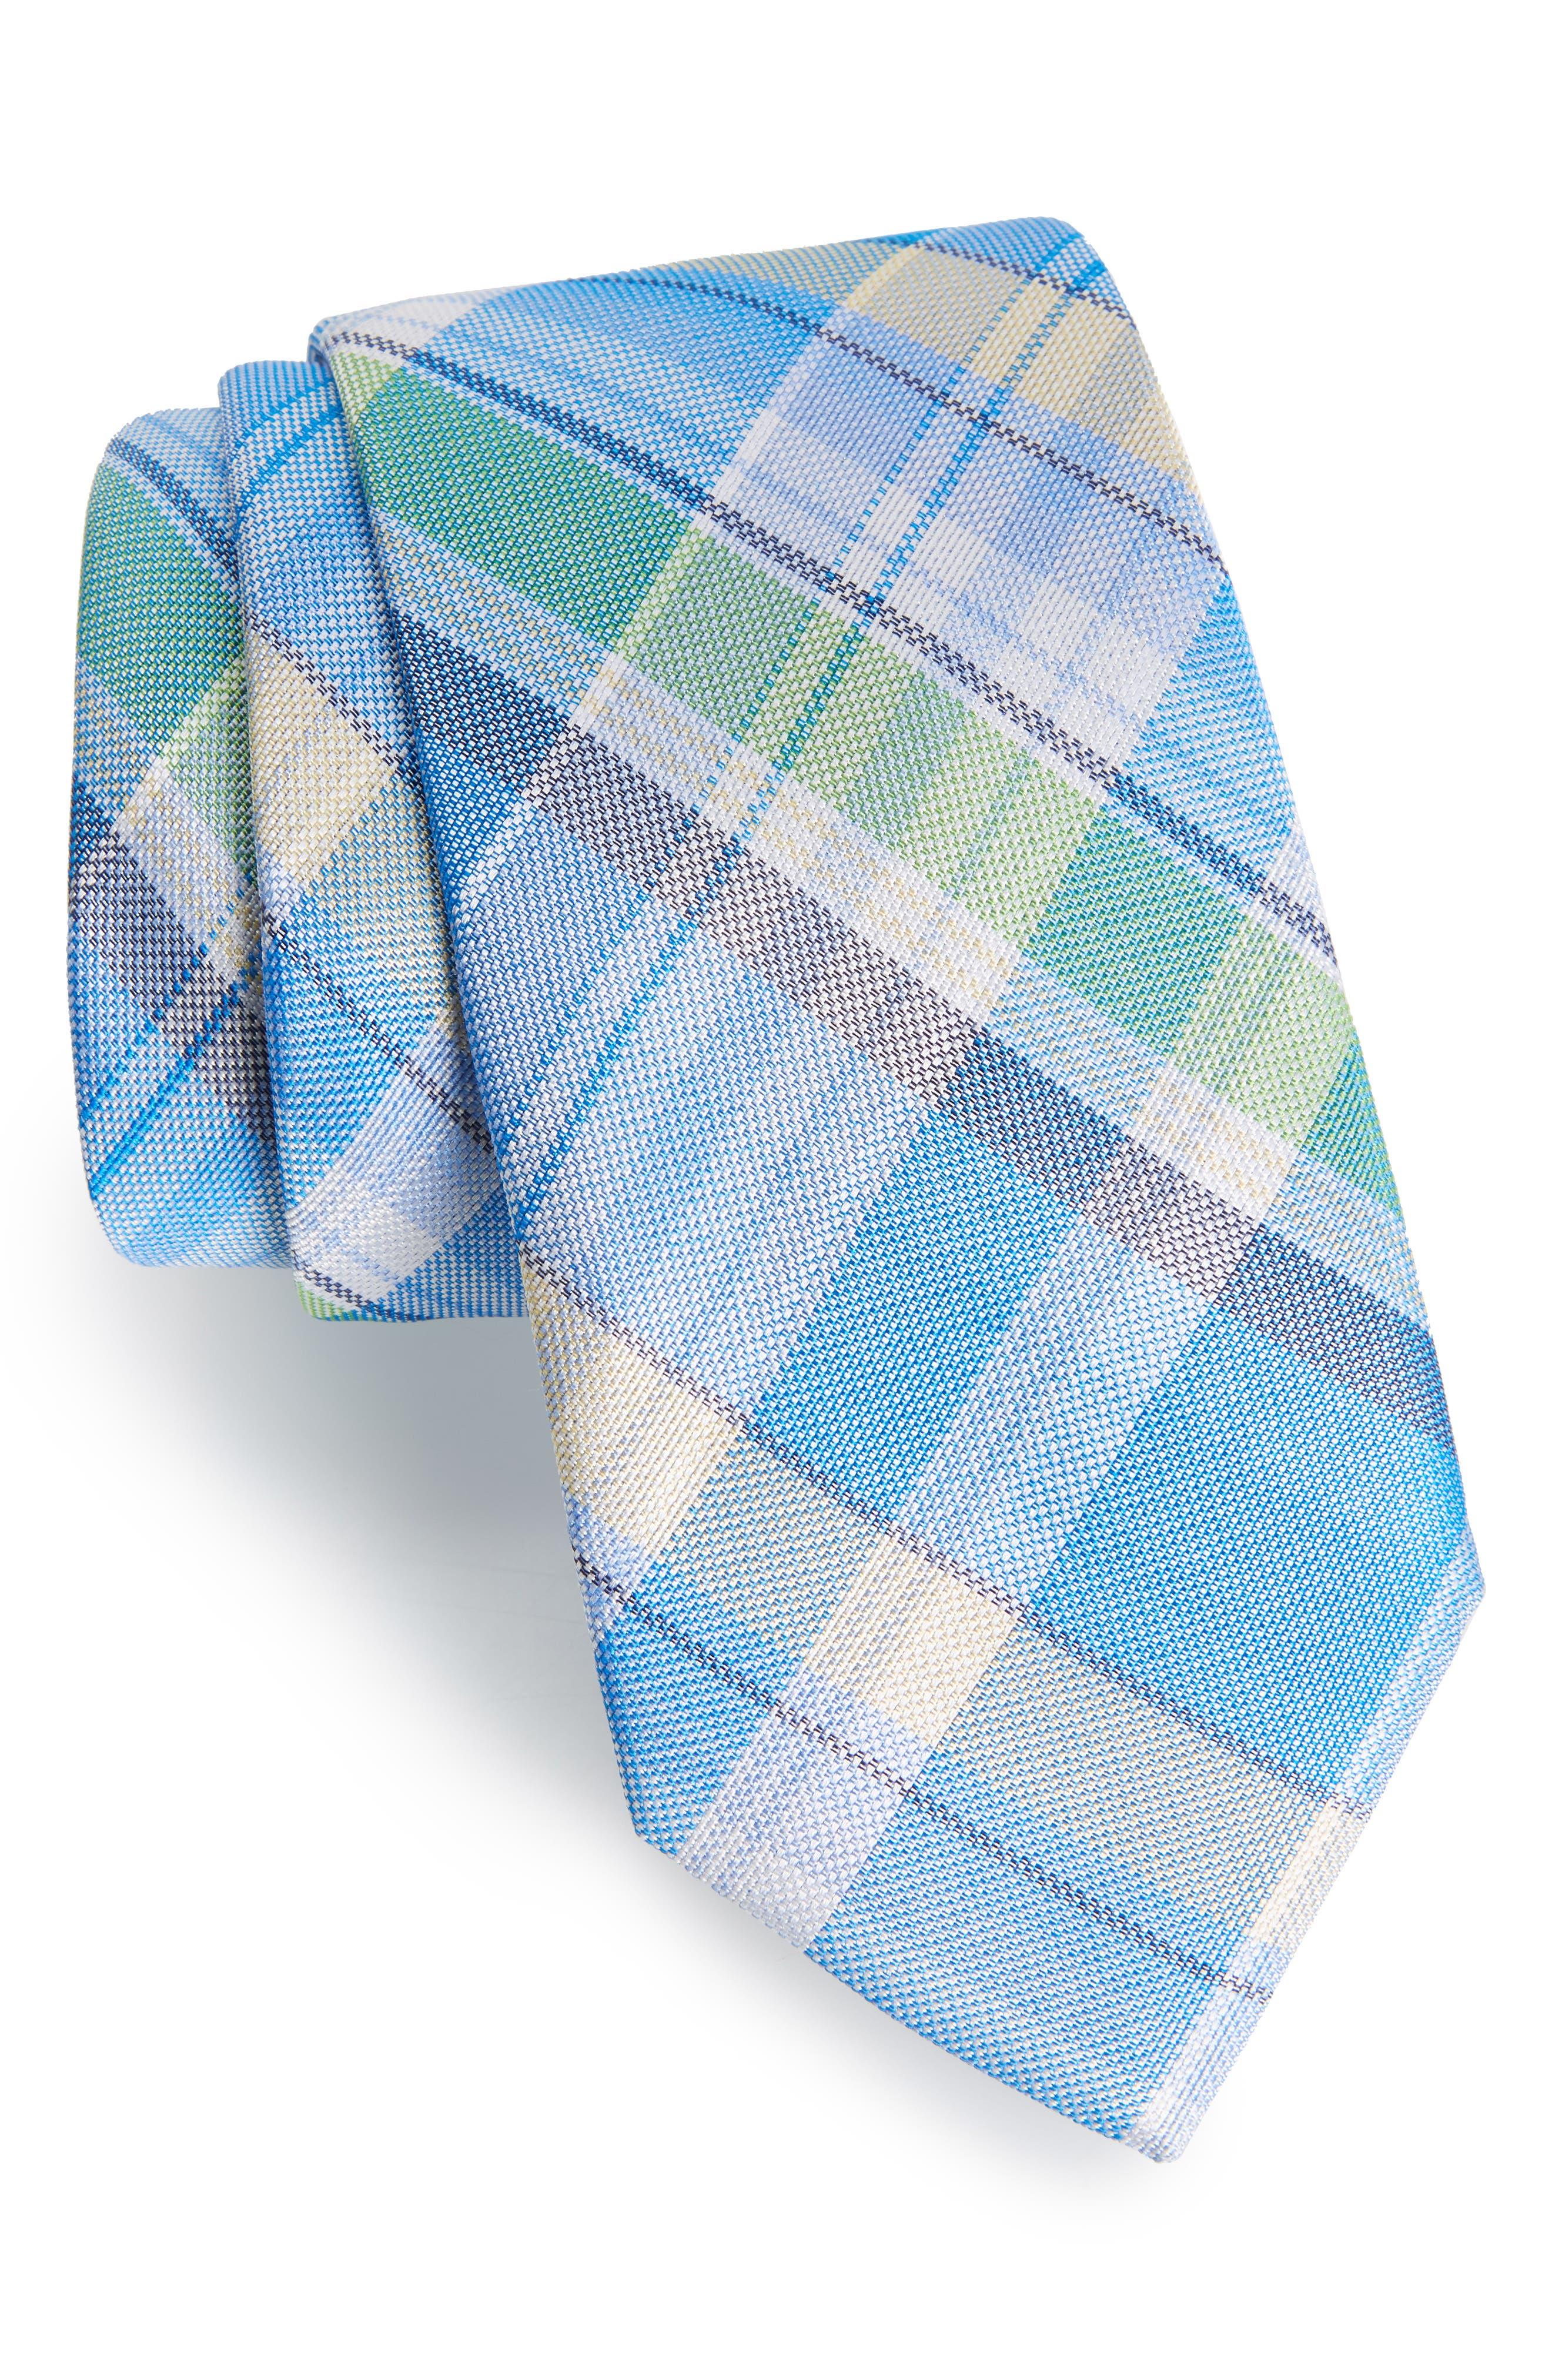 Del Rio Plaid Silk Tie,                         Main,                         color, BLUE